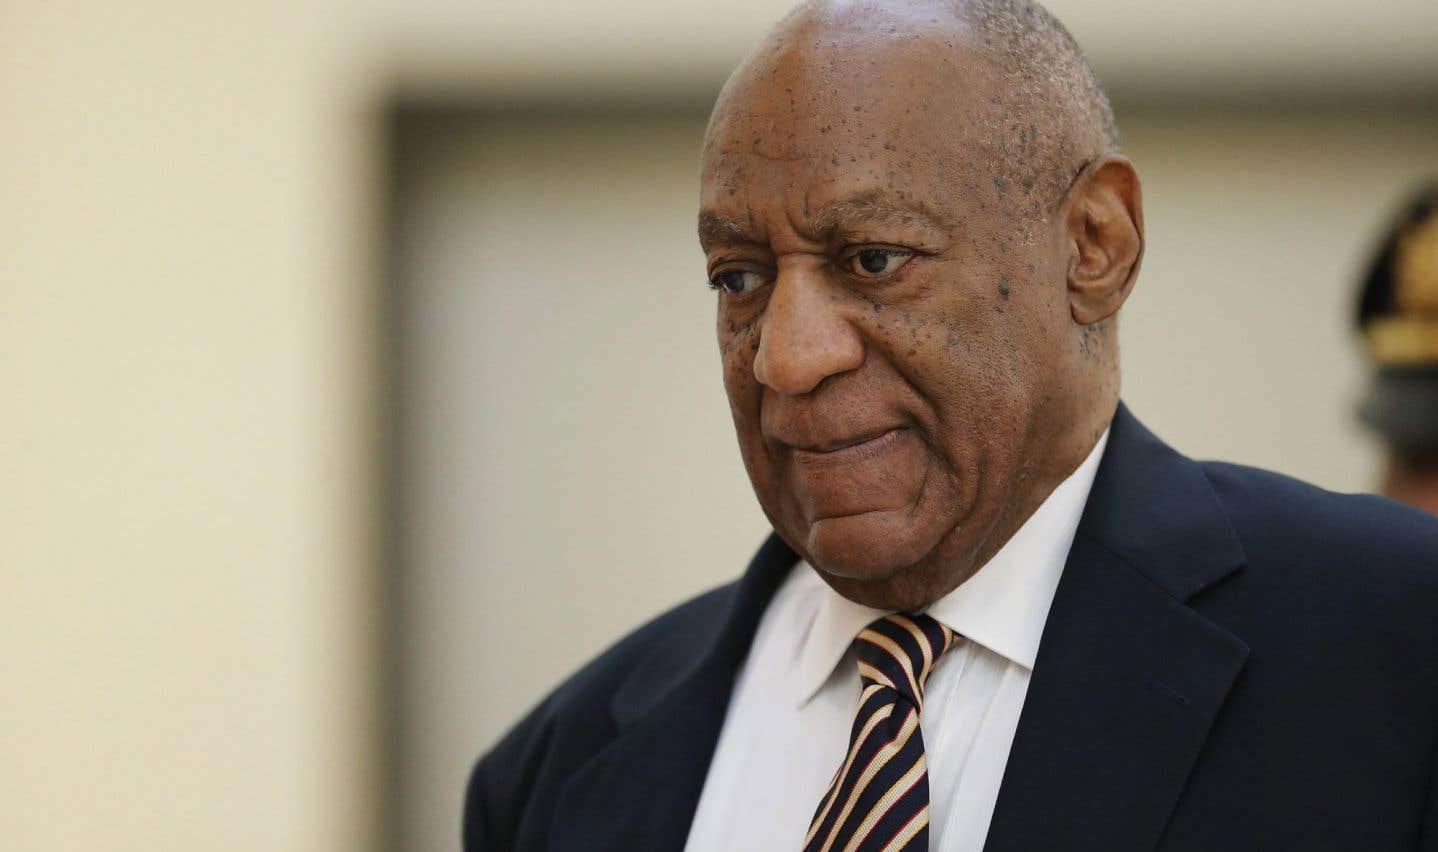 Le procès de Bill Cosby pour agression sexuelle débute aux États-Unis